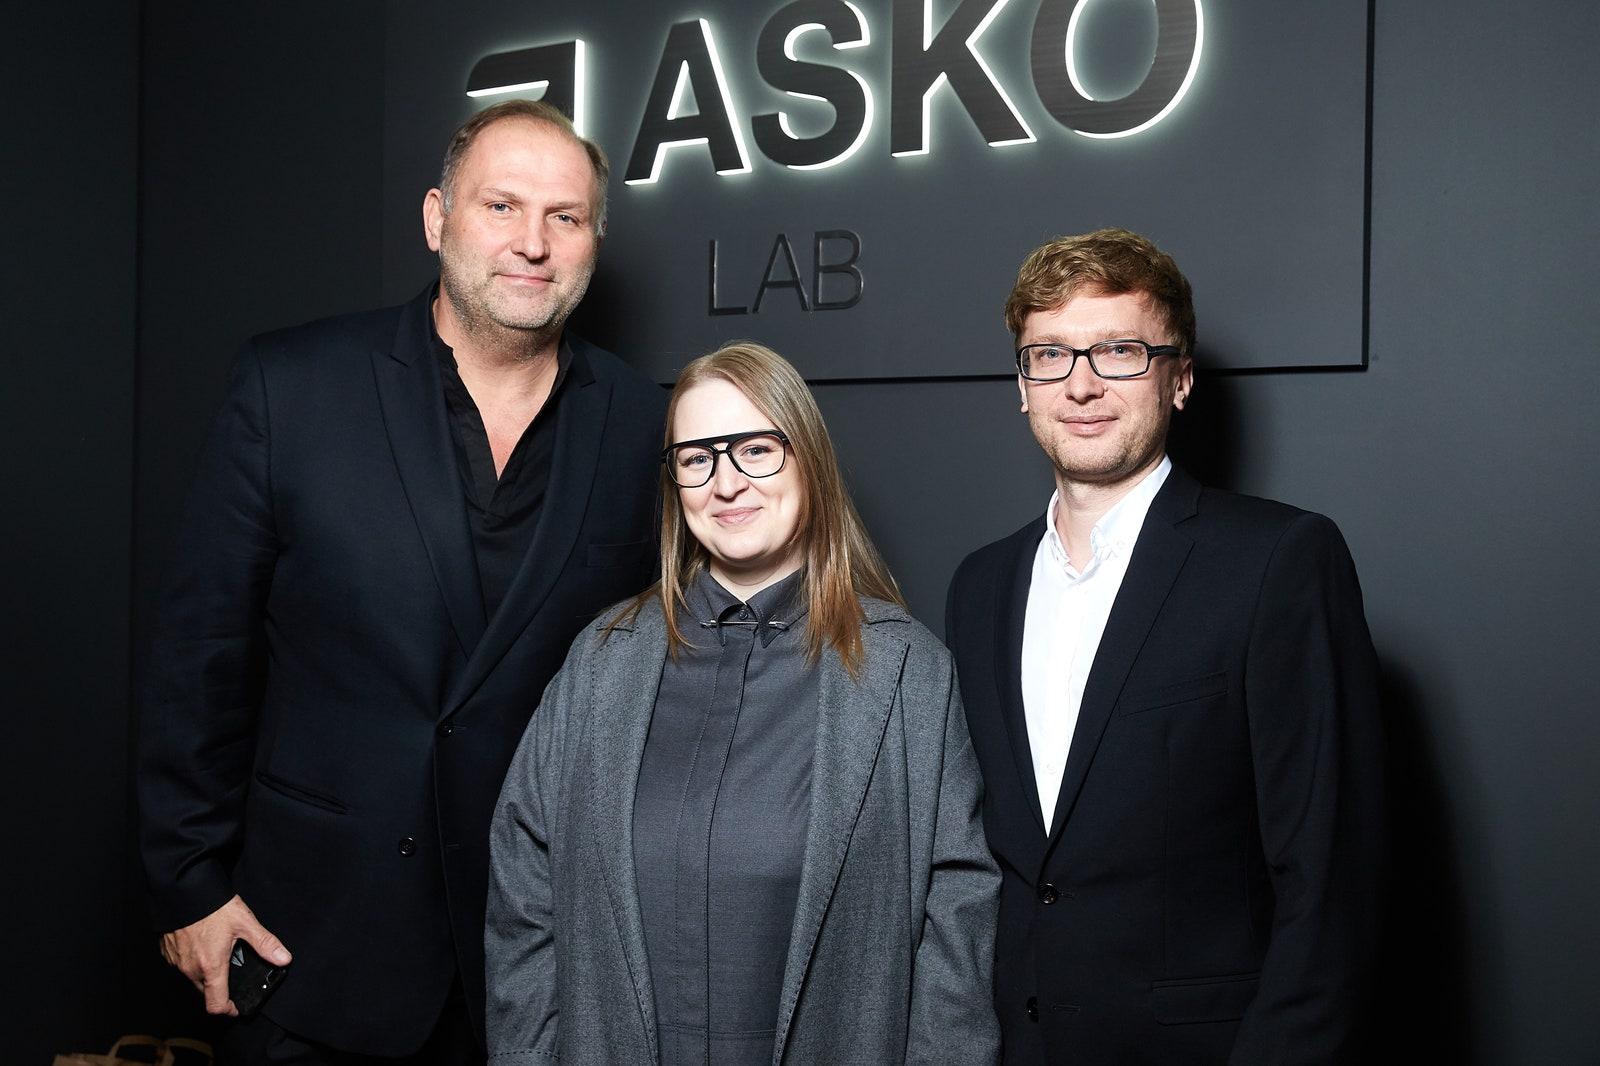 Asko Lab